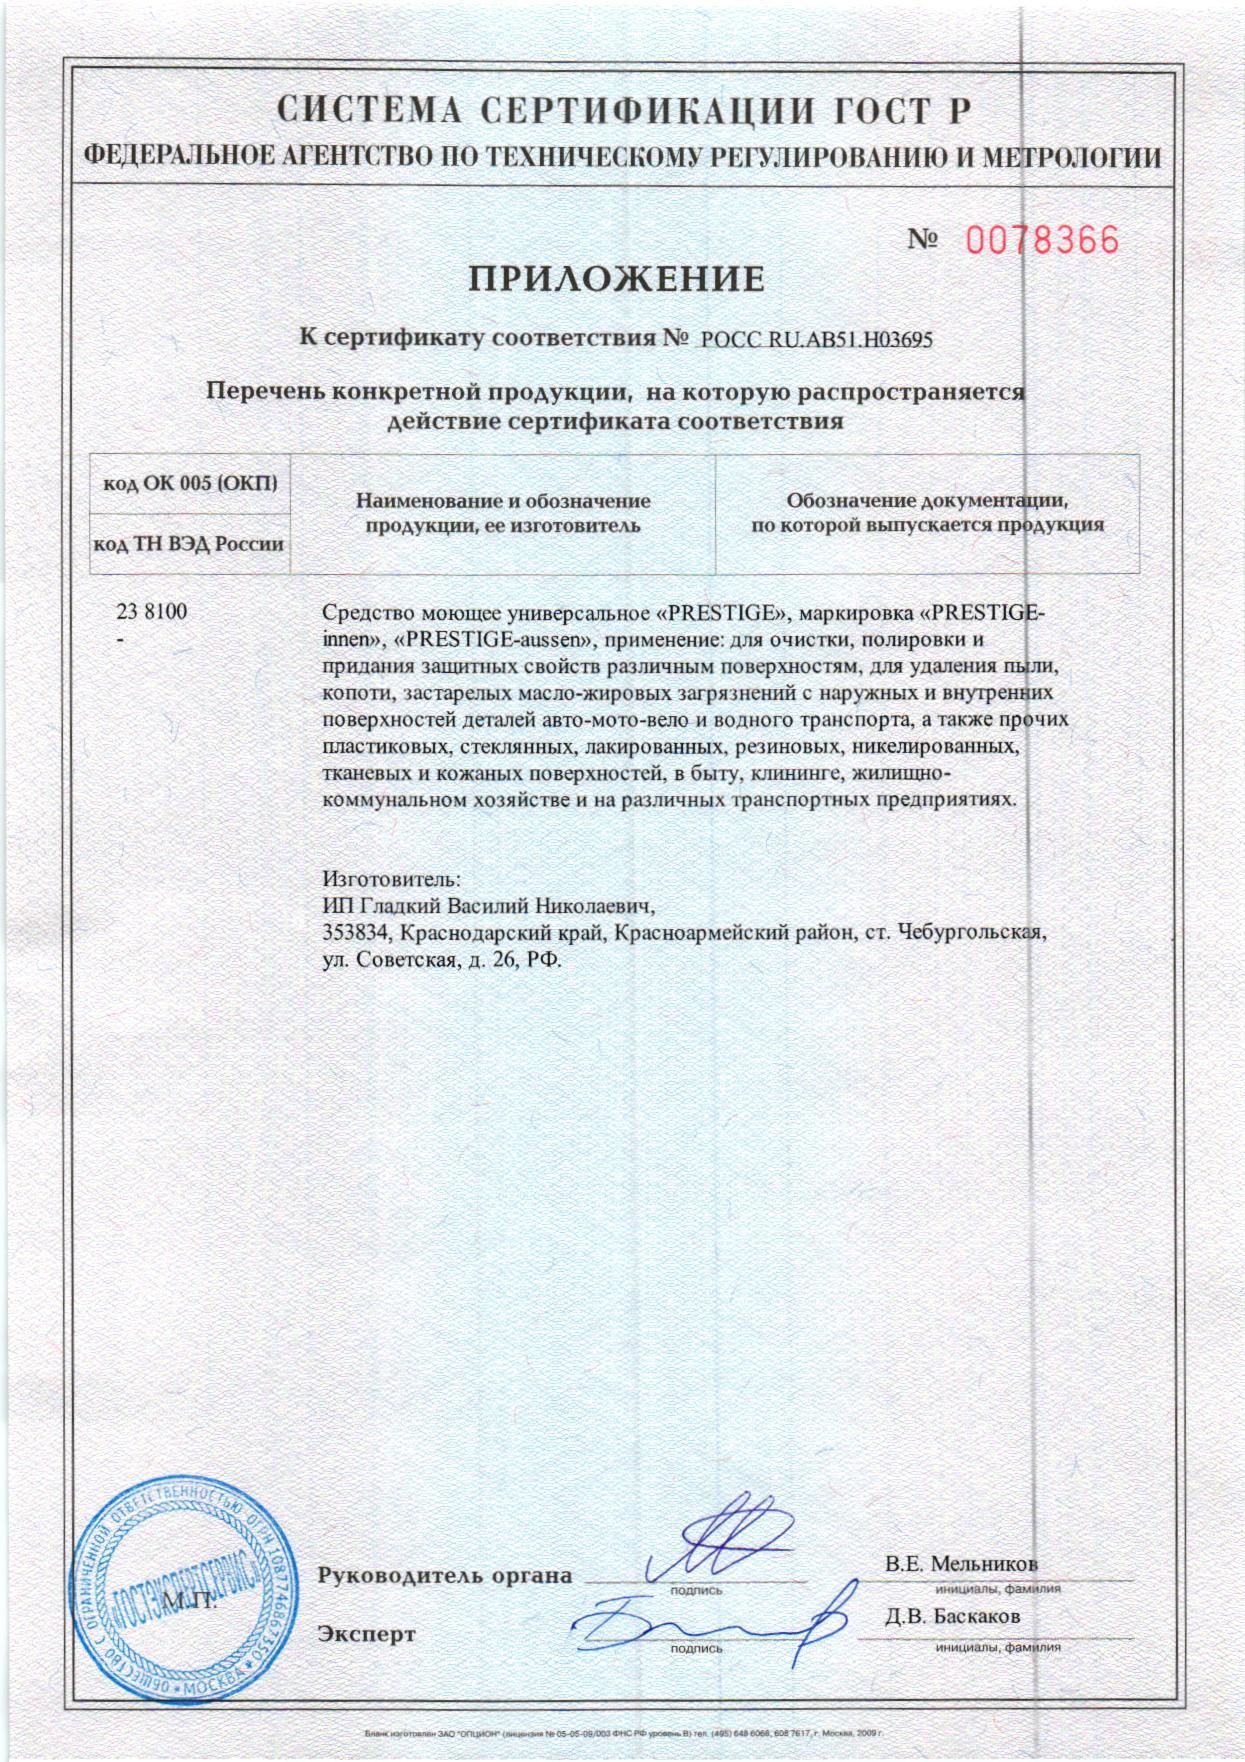 Сертификат сухая мойка